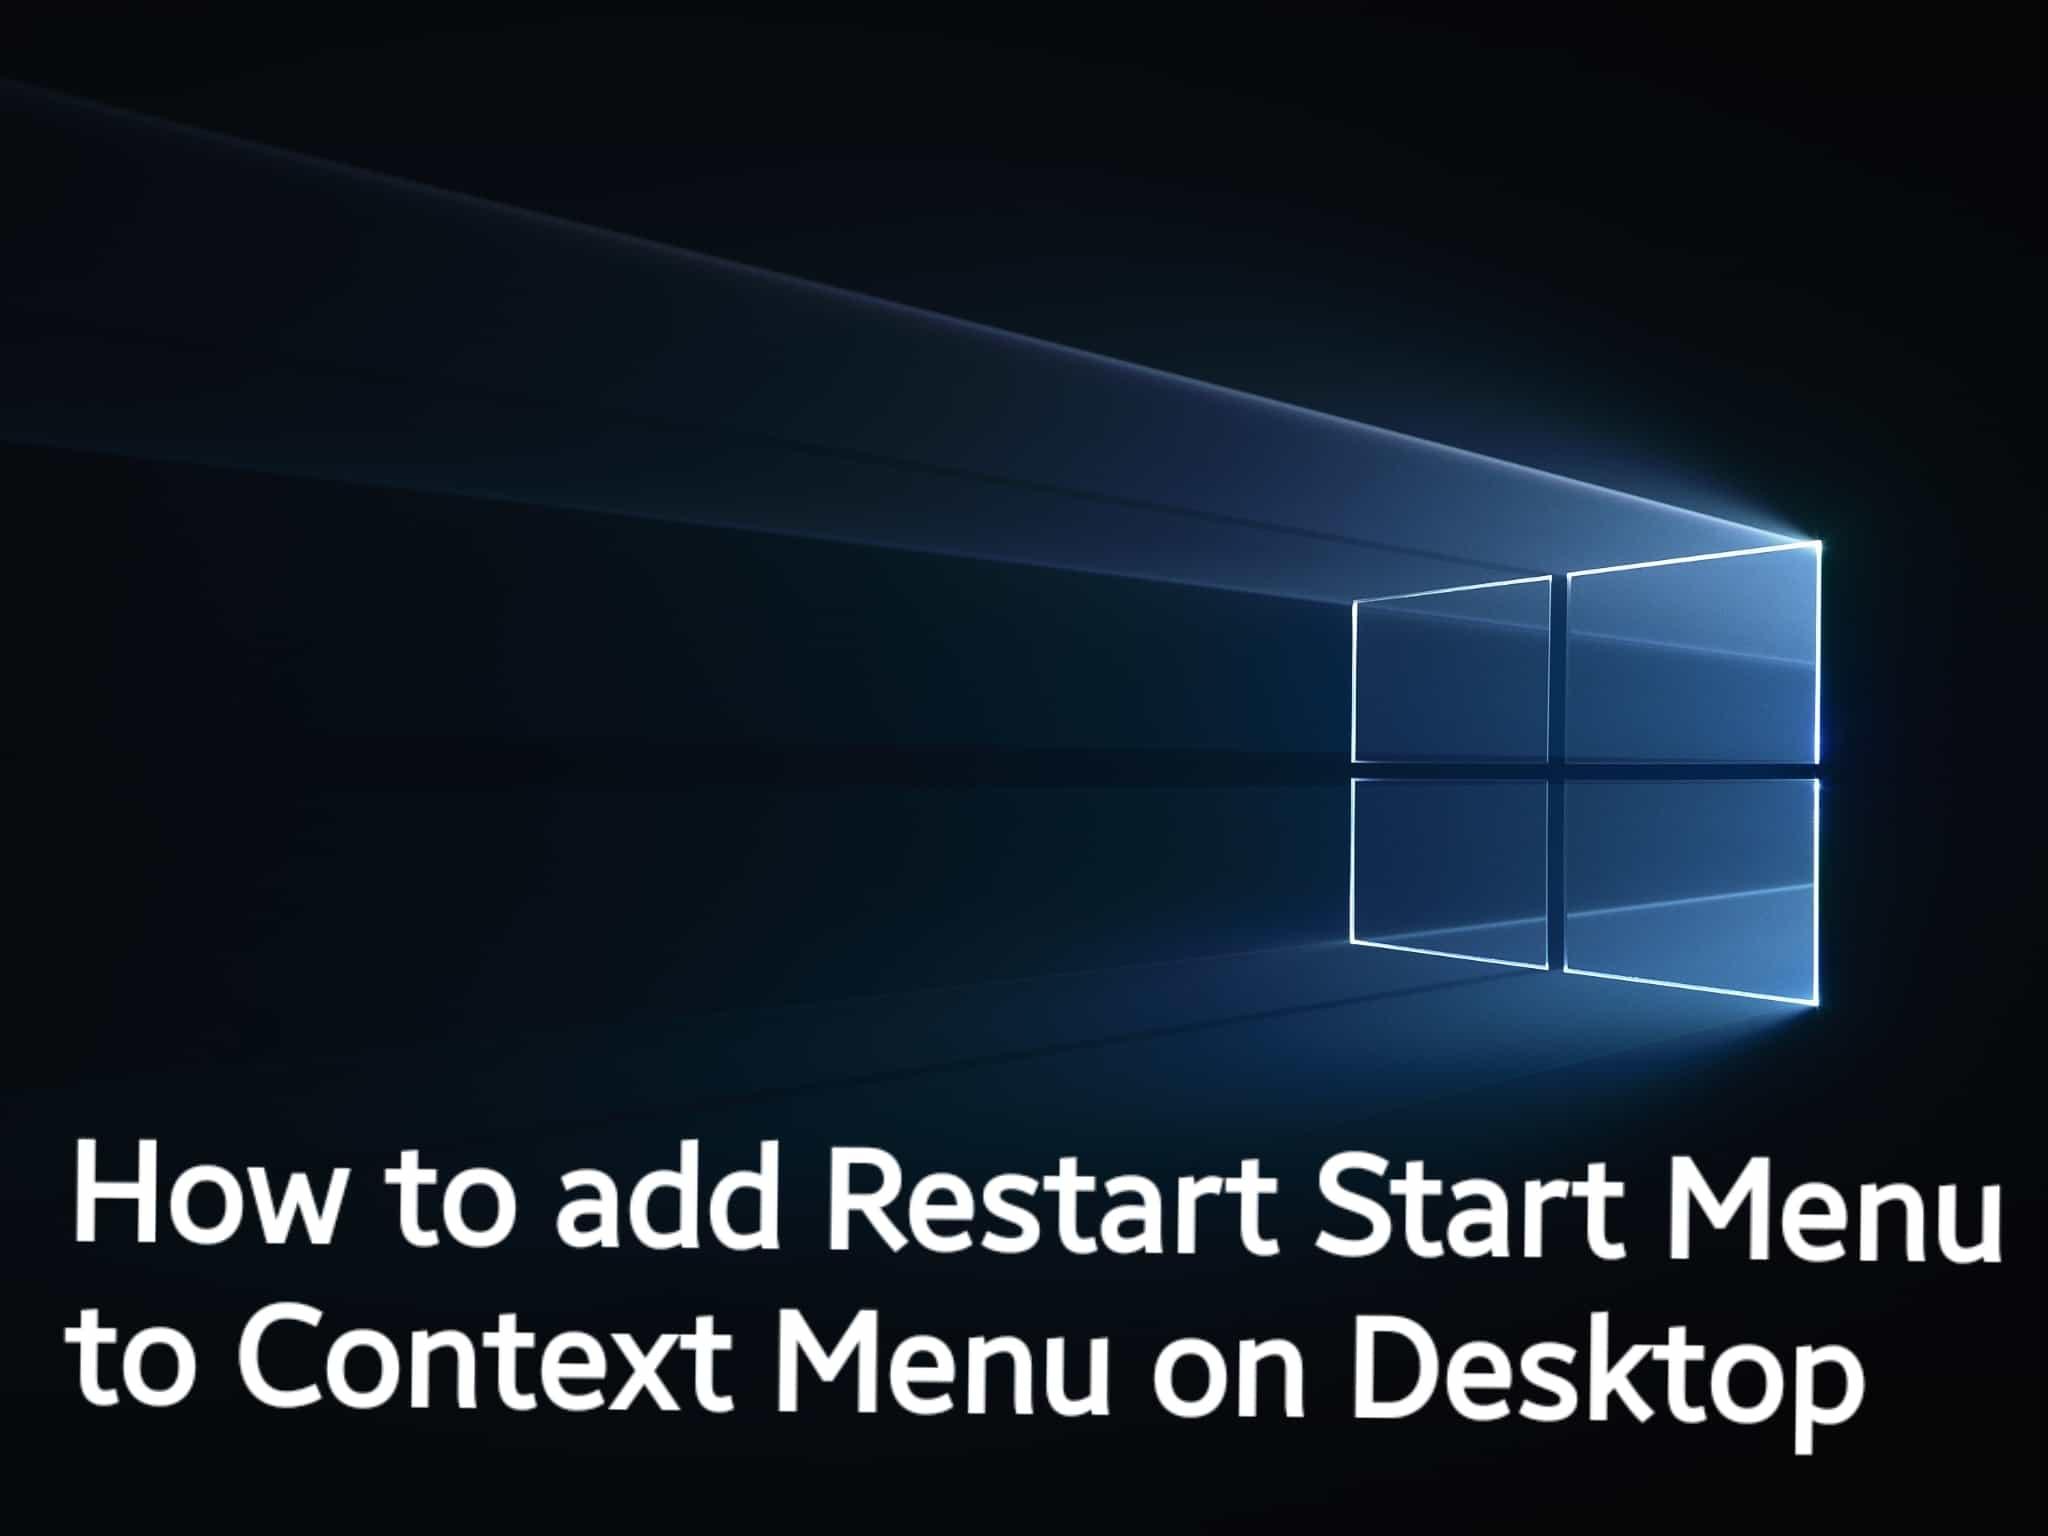 How to add Restart Start Menu to Context Menu on Desktop